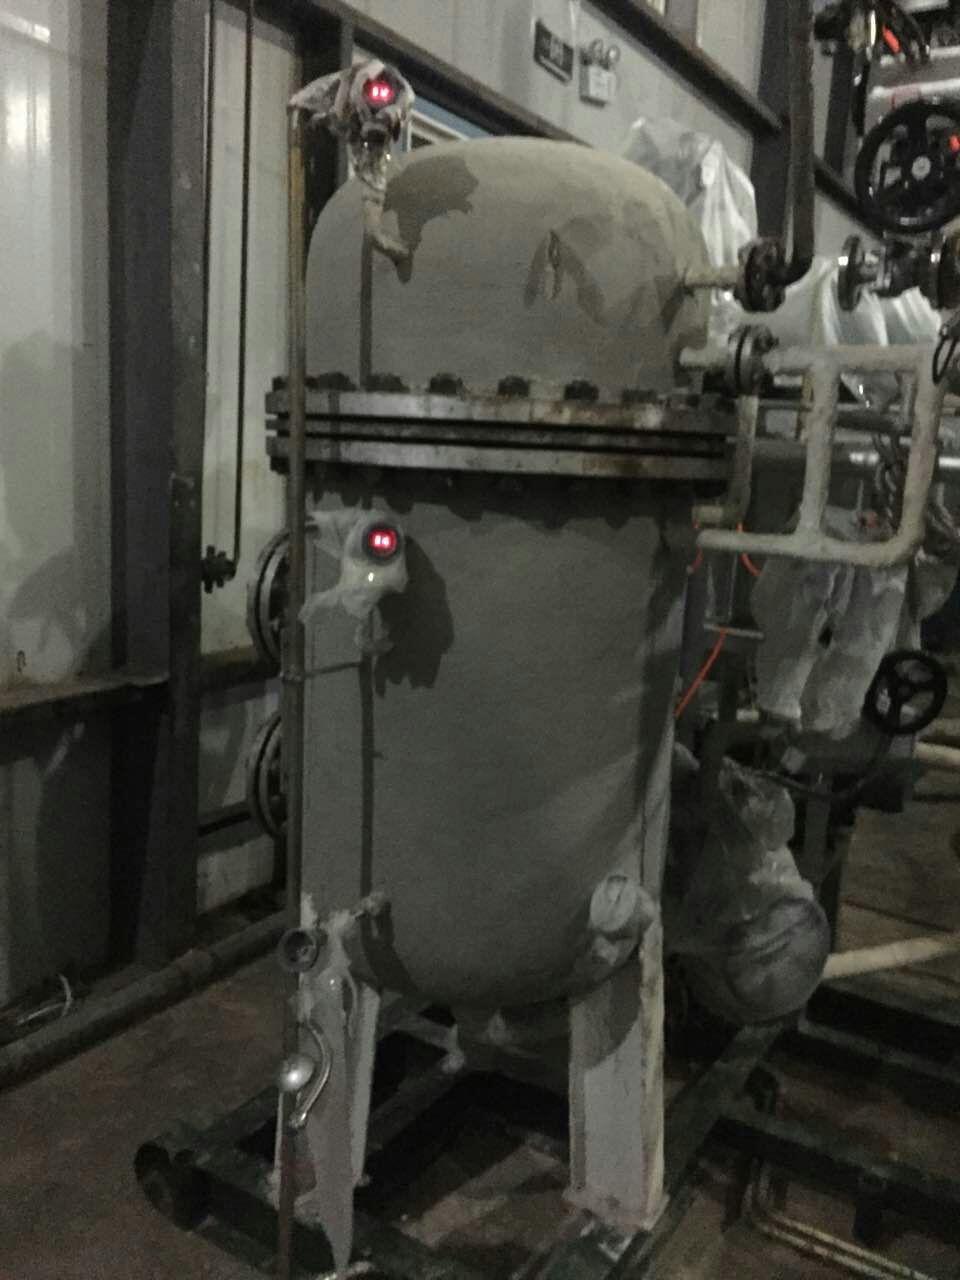 锅炉厂炉体保温防腐耐火涂料红外辐射提高热效率节能提质